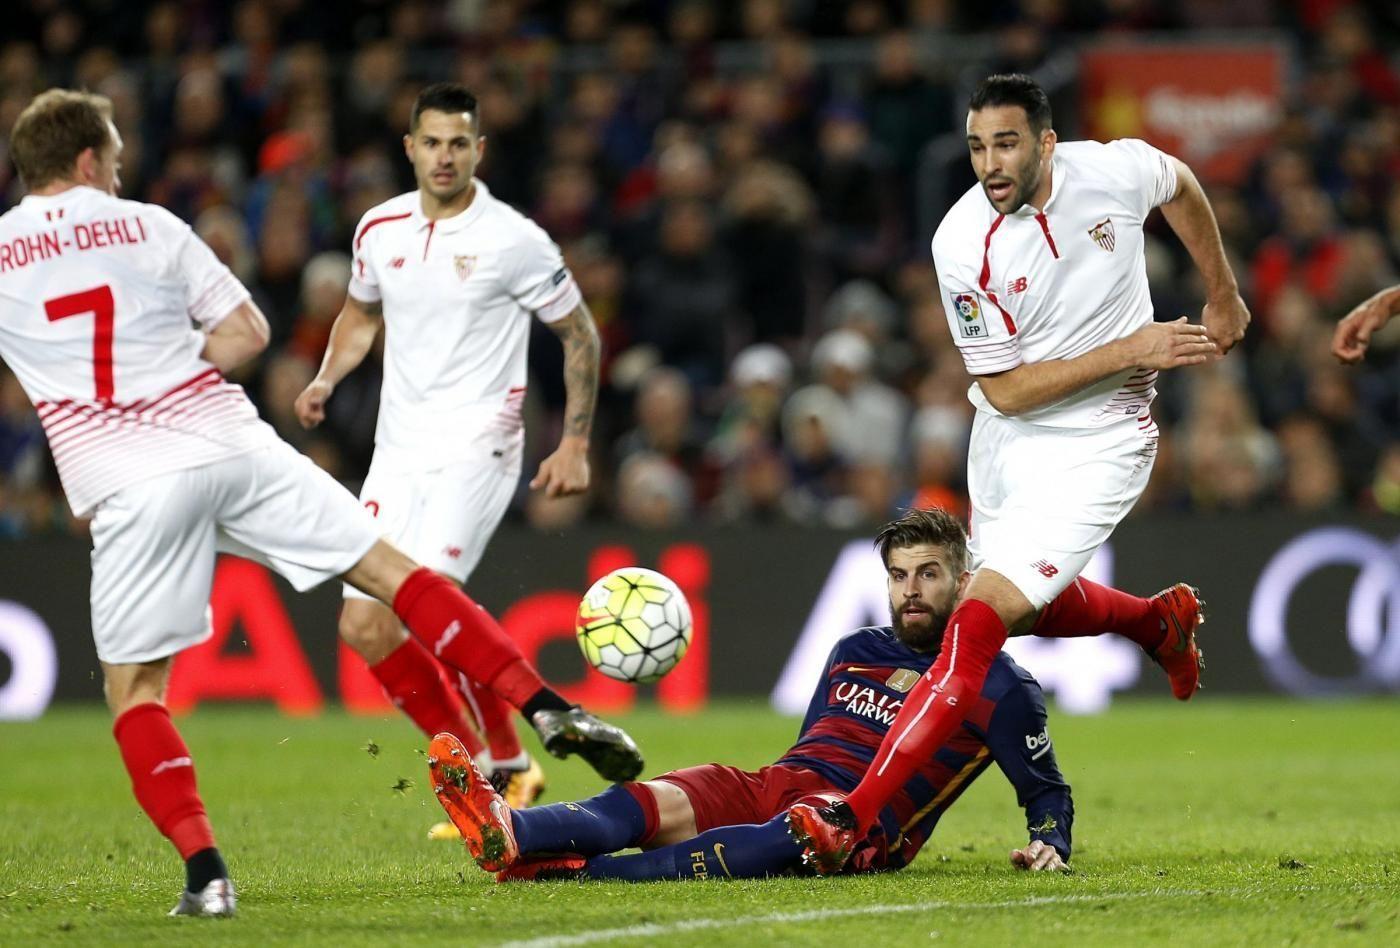 Barcellona vs Siviglia Liga 2015/2016